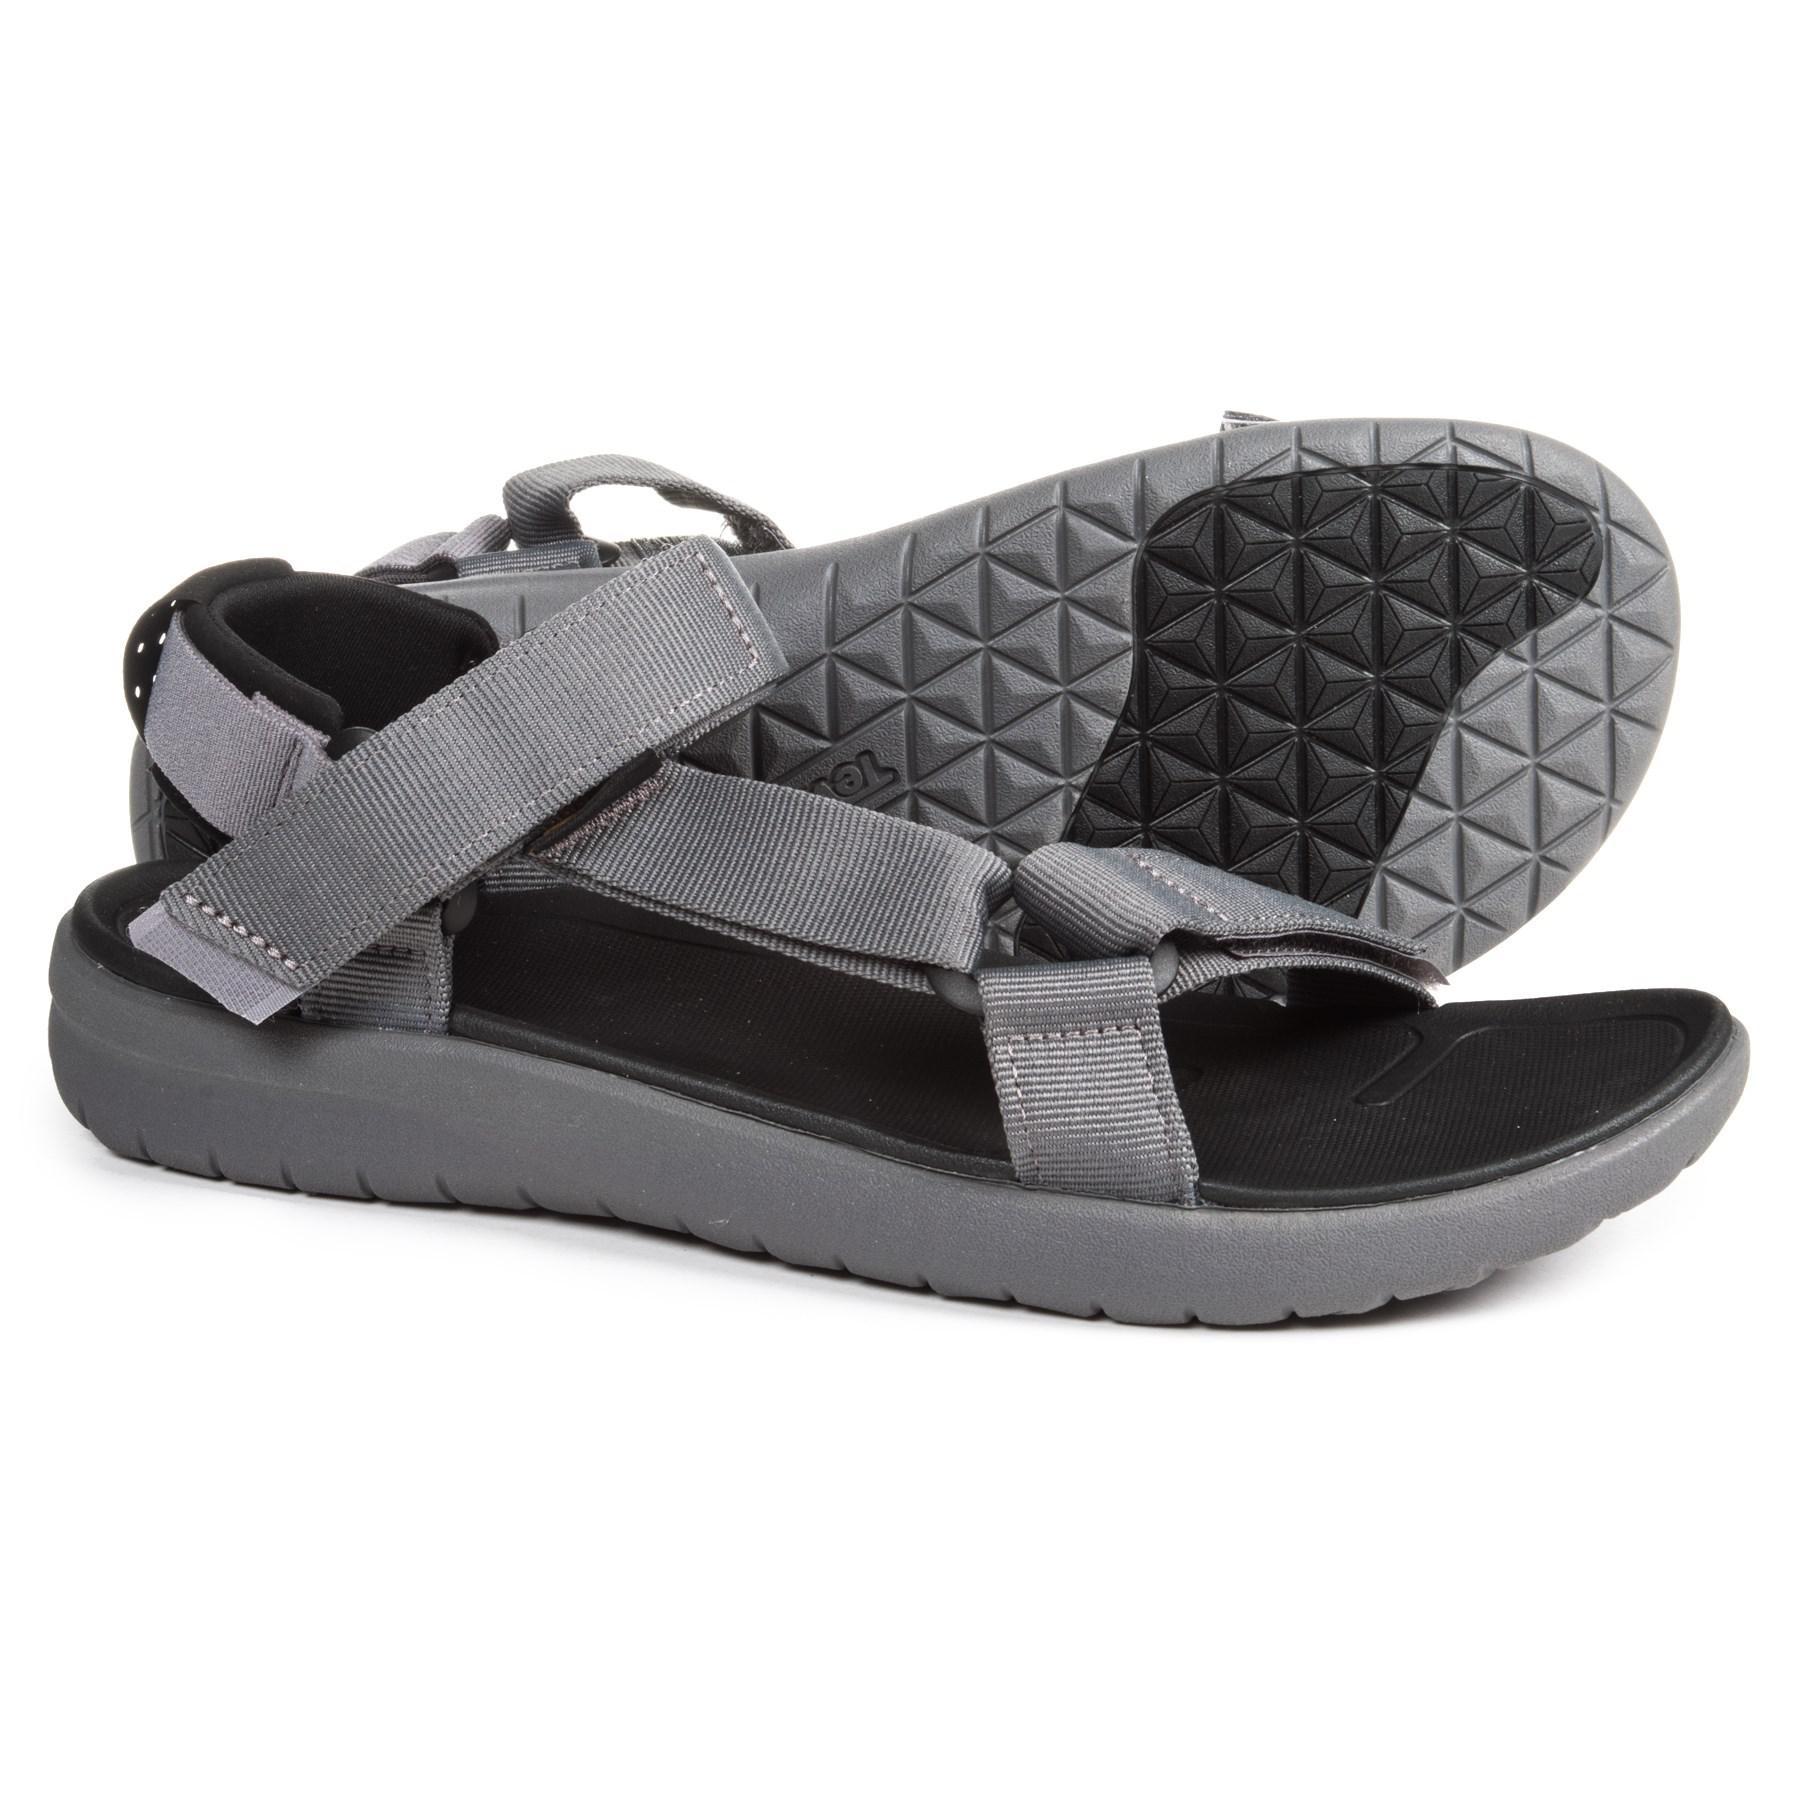 53dbb61994345 Lyst - Teva Sanborn Universal Sport Sandals (for Men) in Gray for Men